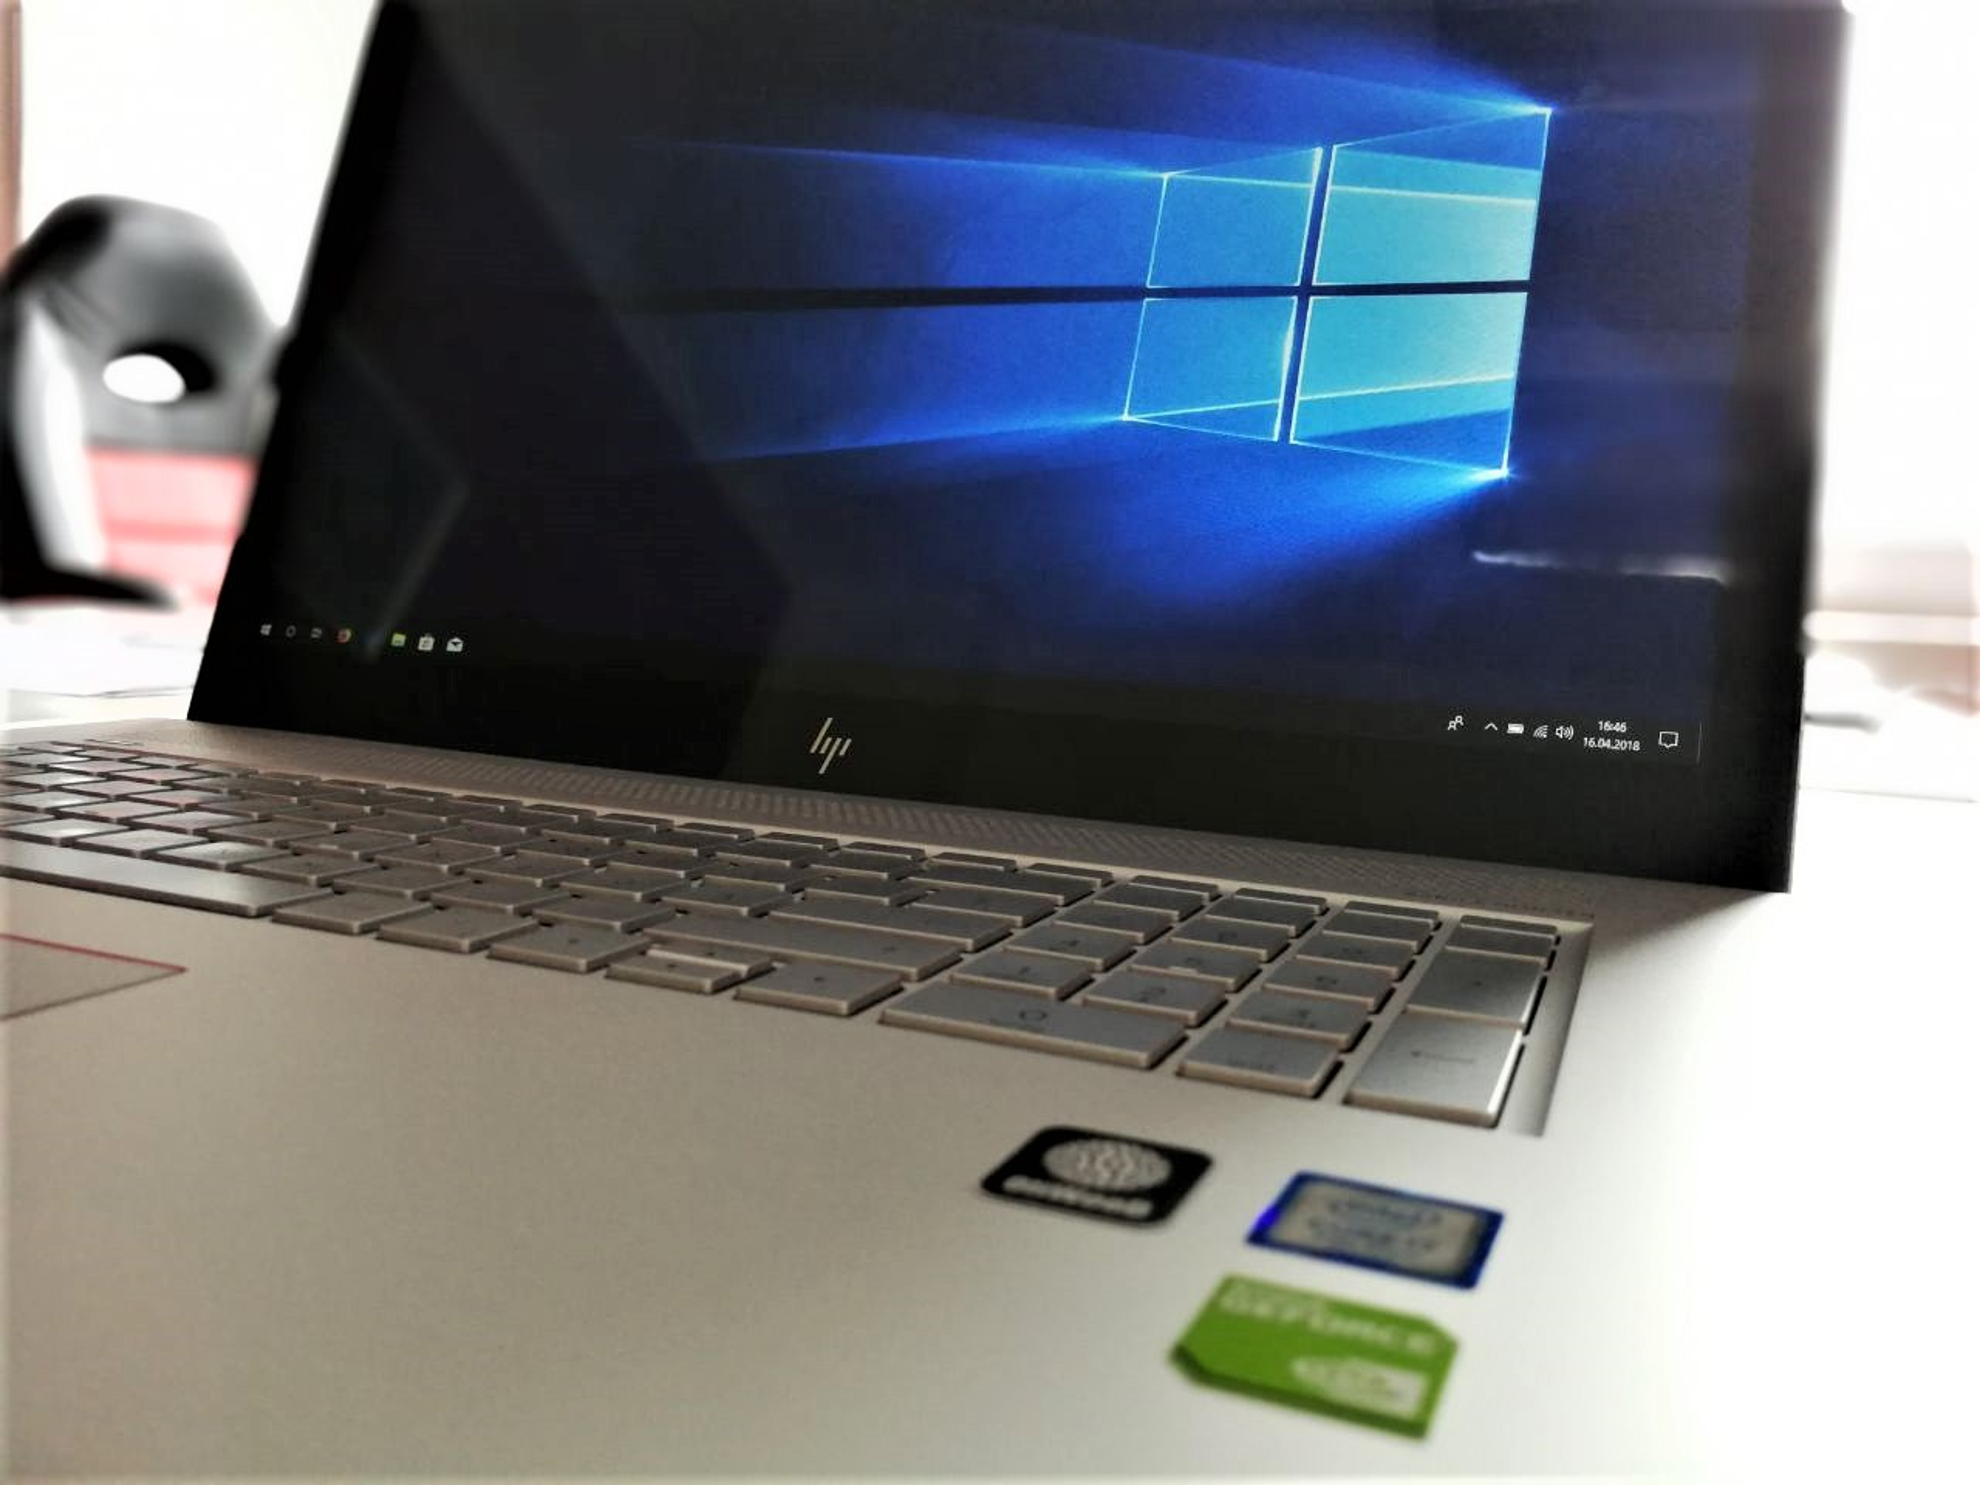 Tipps und direkte Hilfe bei Problemen mit allen Microsoft Windows 10 Creators Updates.